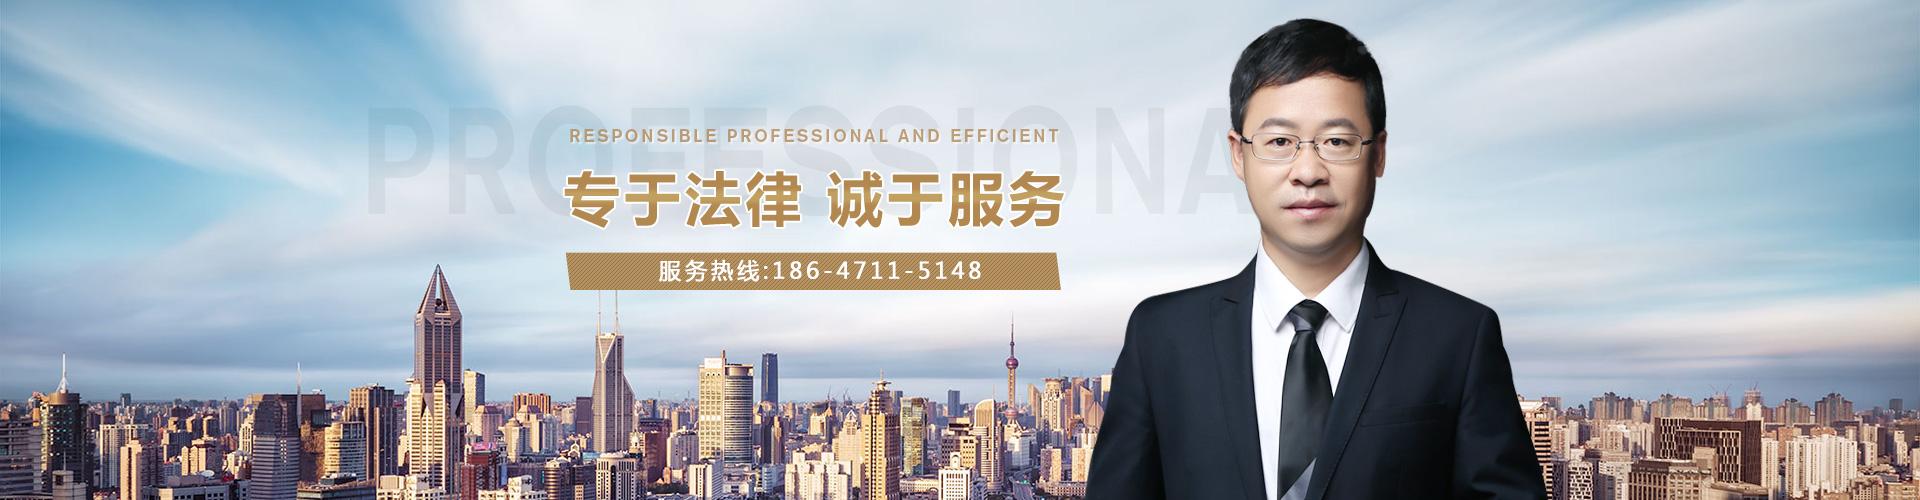 内蒙古张建忠律师1